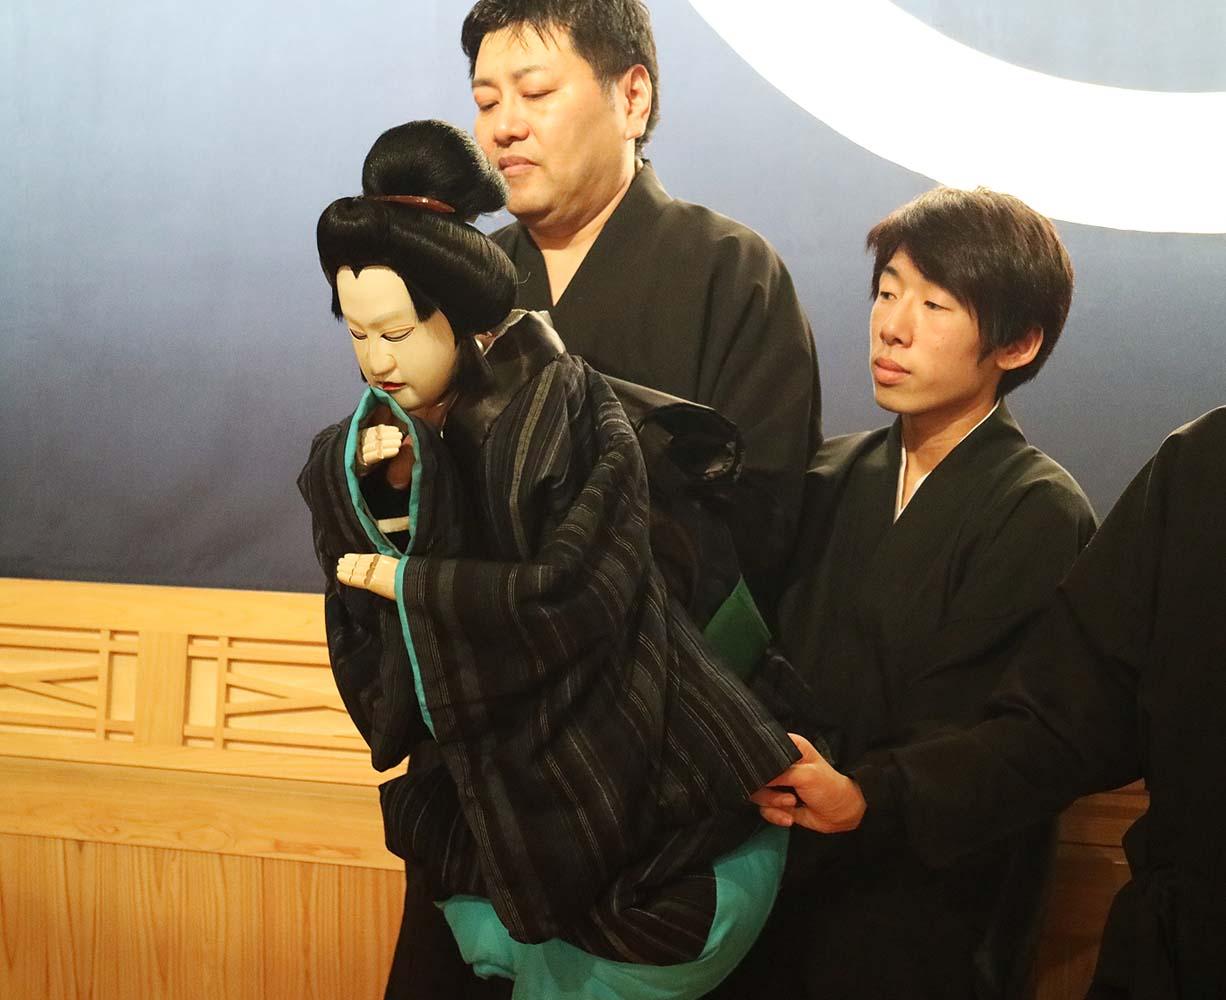 三人で人形を操る様子